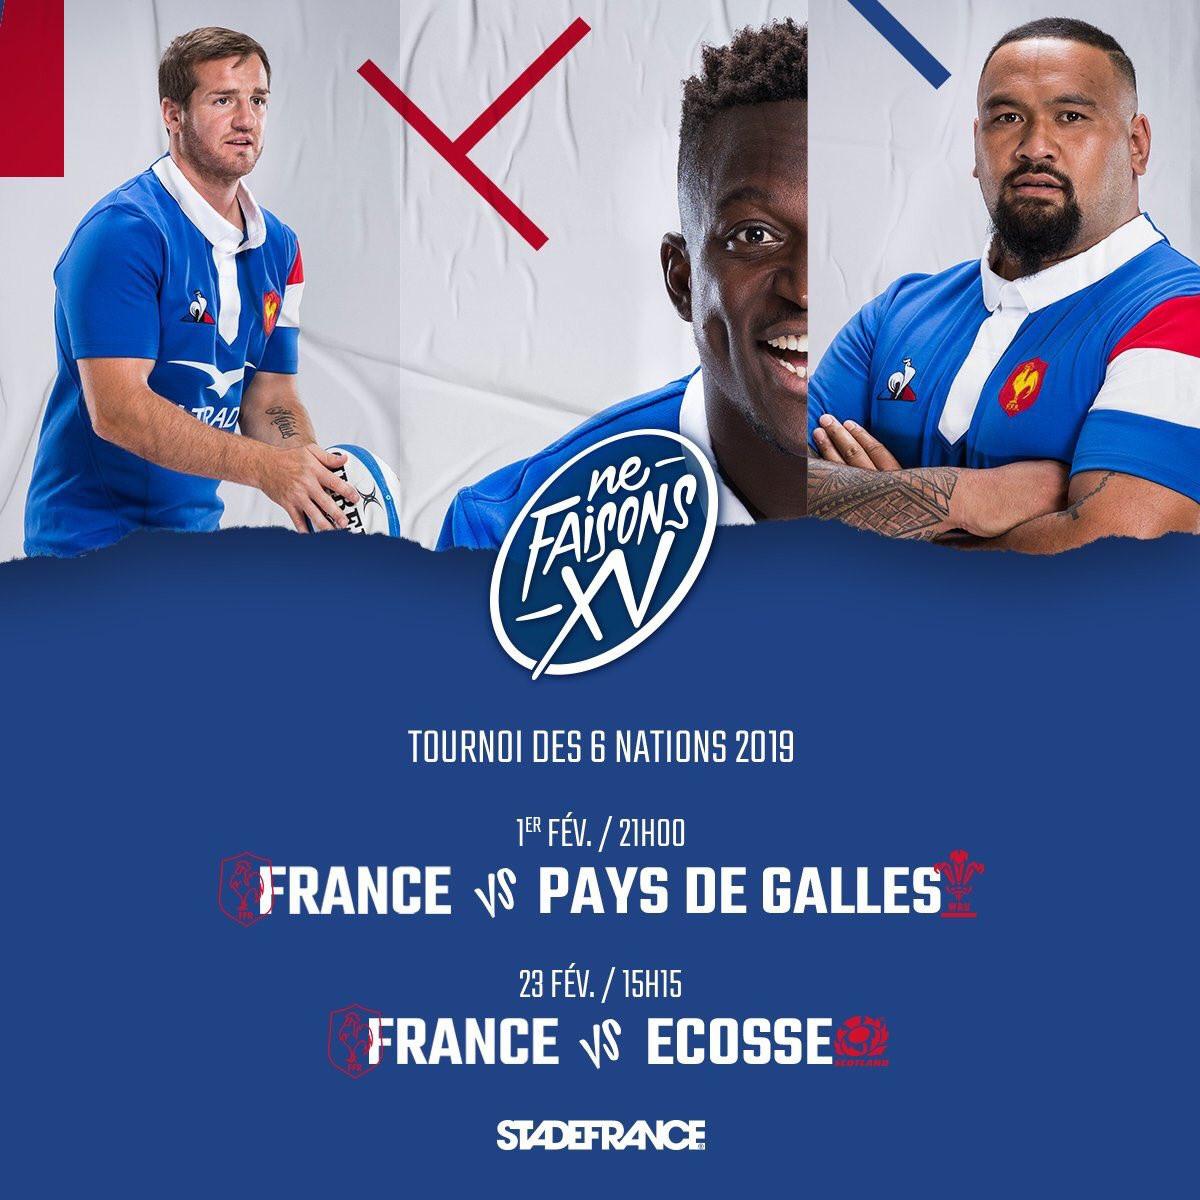 Calendrier Du Tournoi Des 6 Nations.Tournoi Des 6 Nations 2019 France Pays De Galles Le 1er